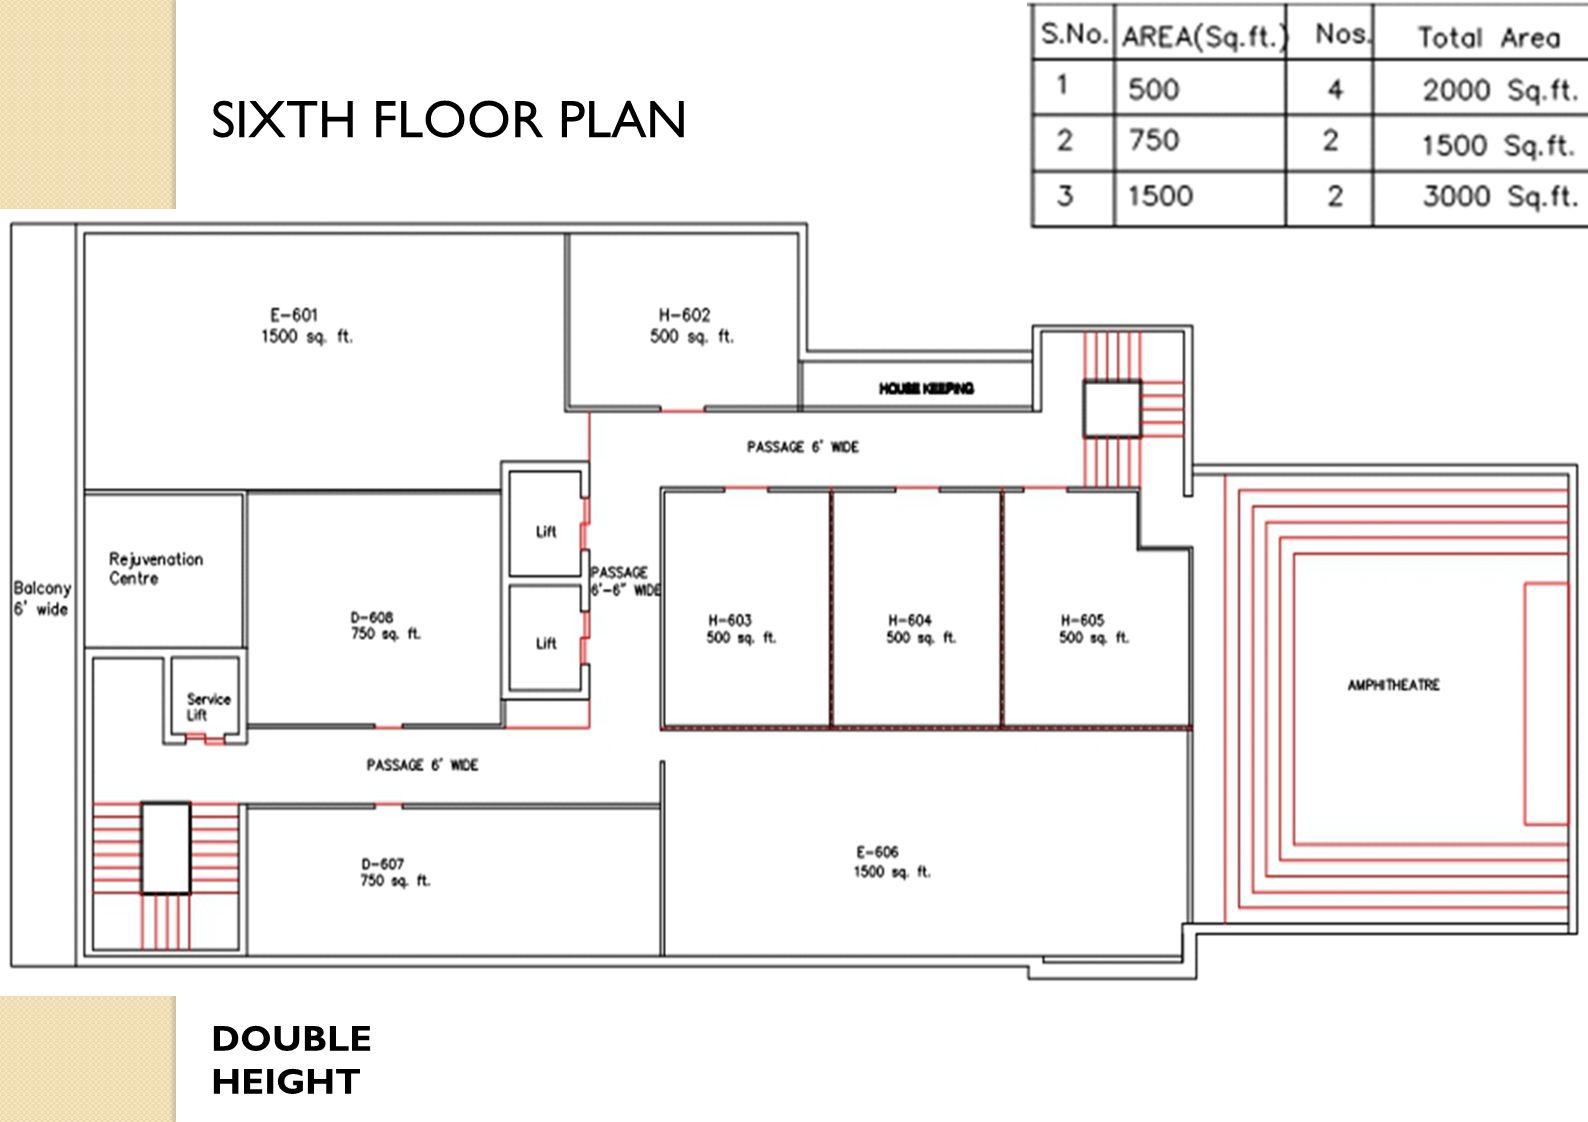 DOUBLE HEIGHT SIXTH FLOOR PLAN